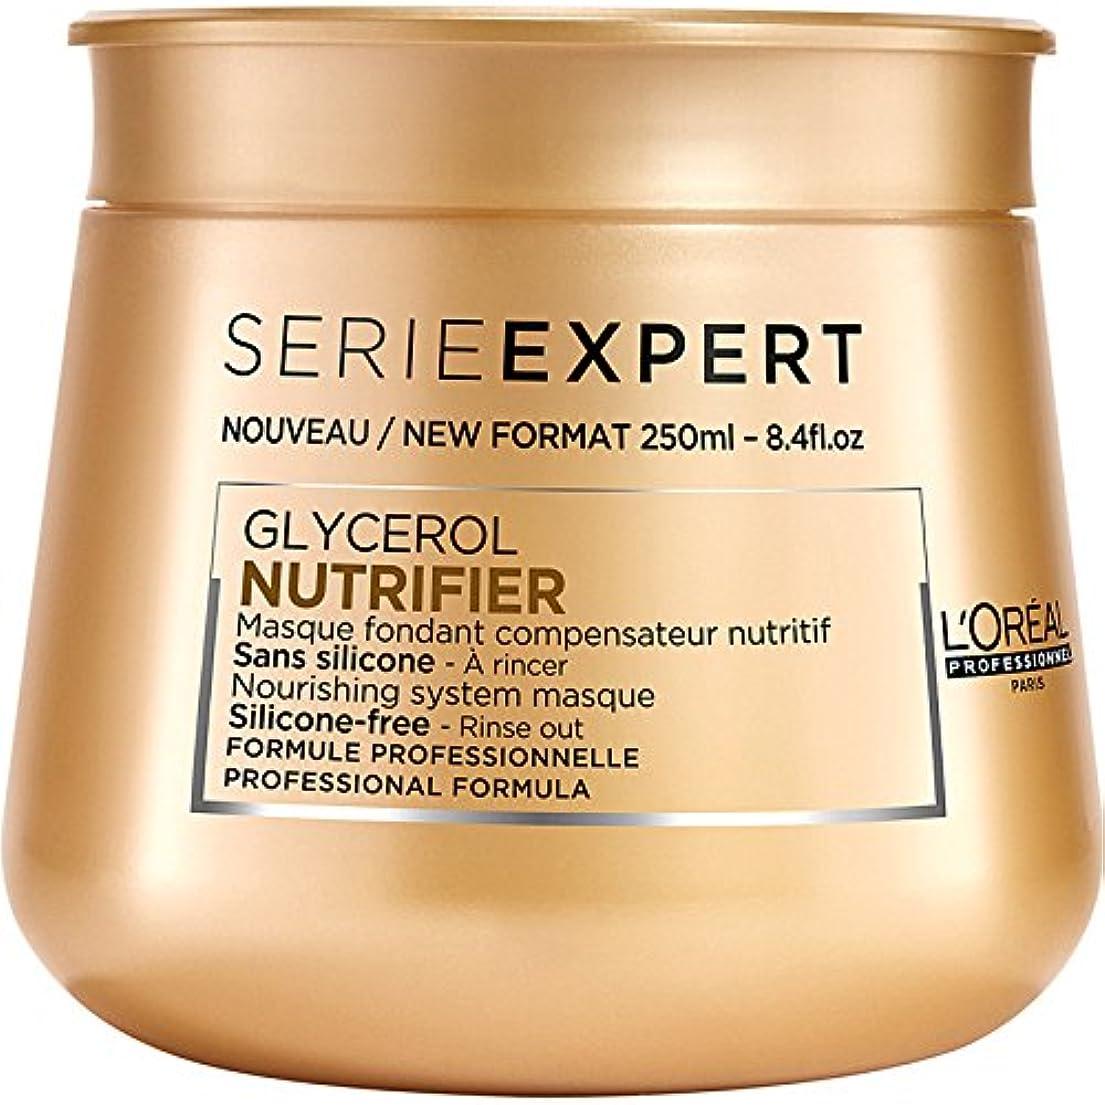 寝室を掃除する宿題犬L'Oreal Serie Expert Glycerol NUTRIFIER Nourishing System Masque 250 ml [並行輸入品]